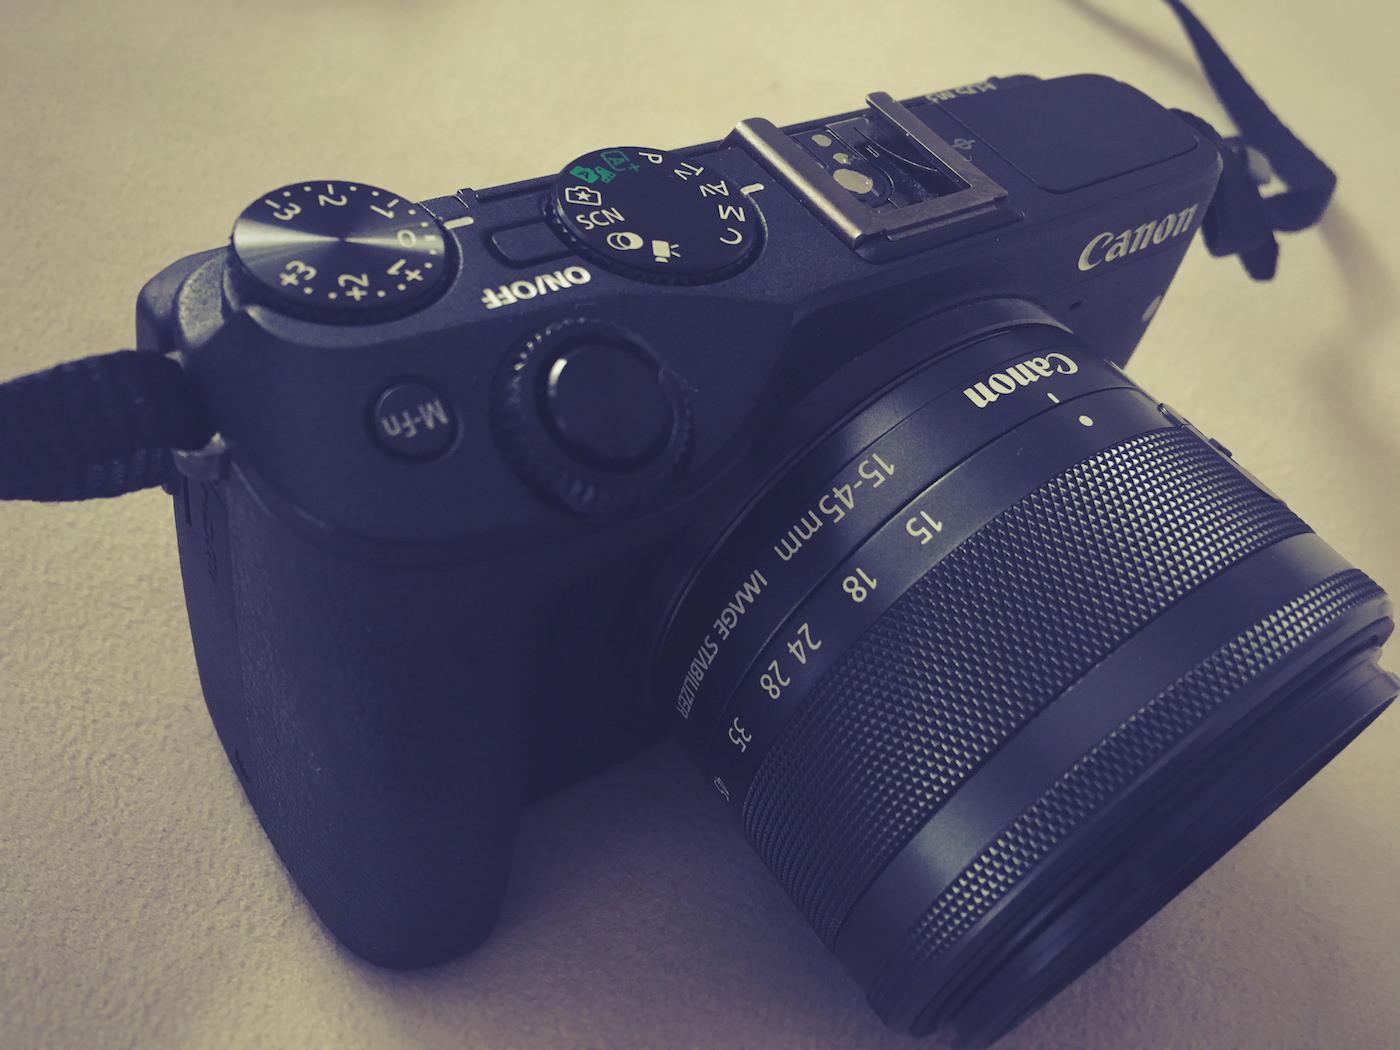 @roni.kordis's cover photo for 'Unboxing Canon EOS M3 #nepozabno / nagradni natečaj Ujemite nepozabne trenutke'